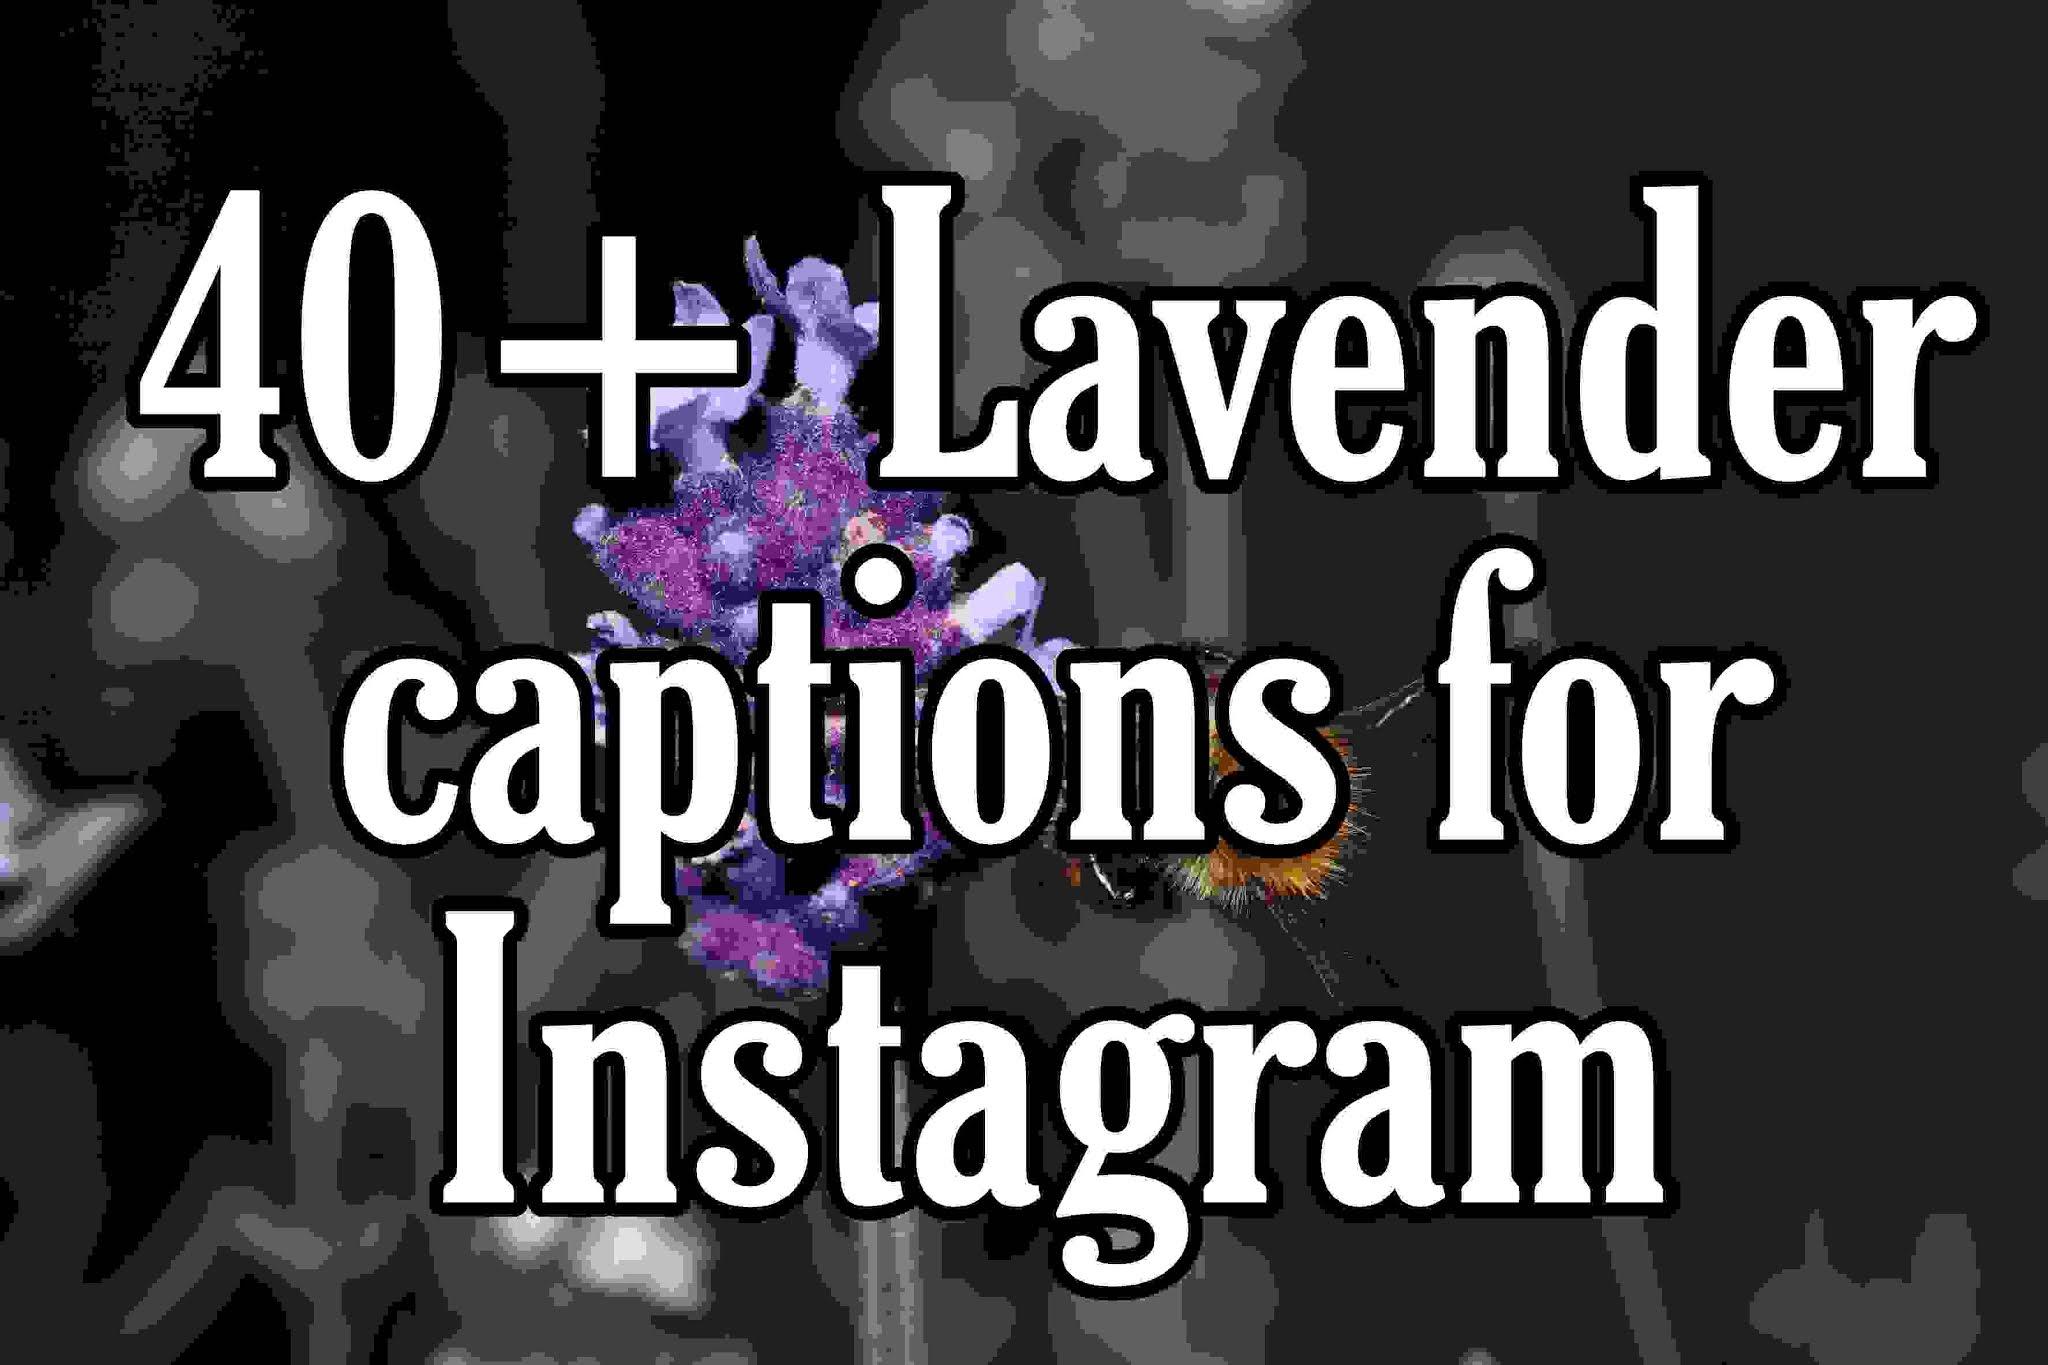 Lavender captions for Instagram